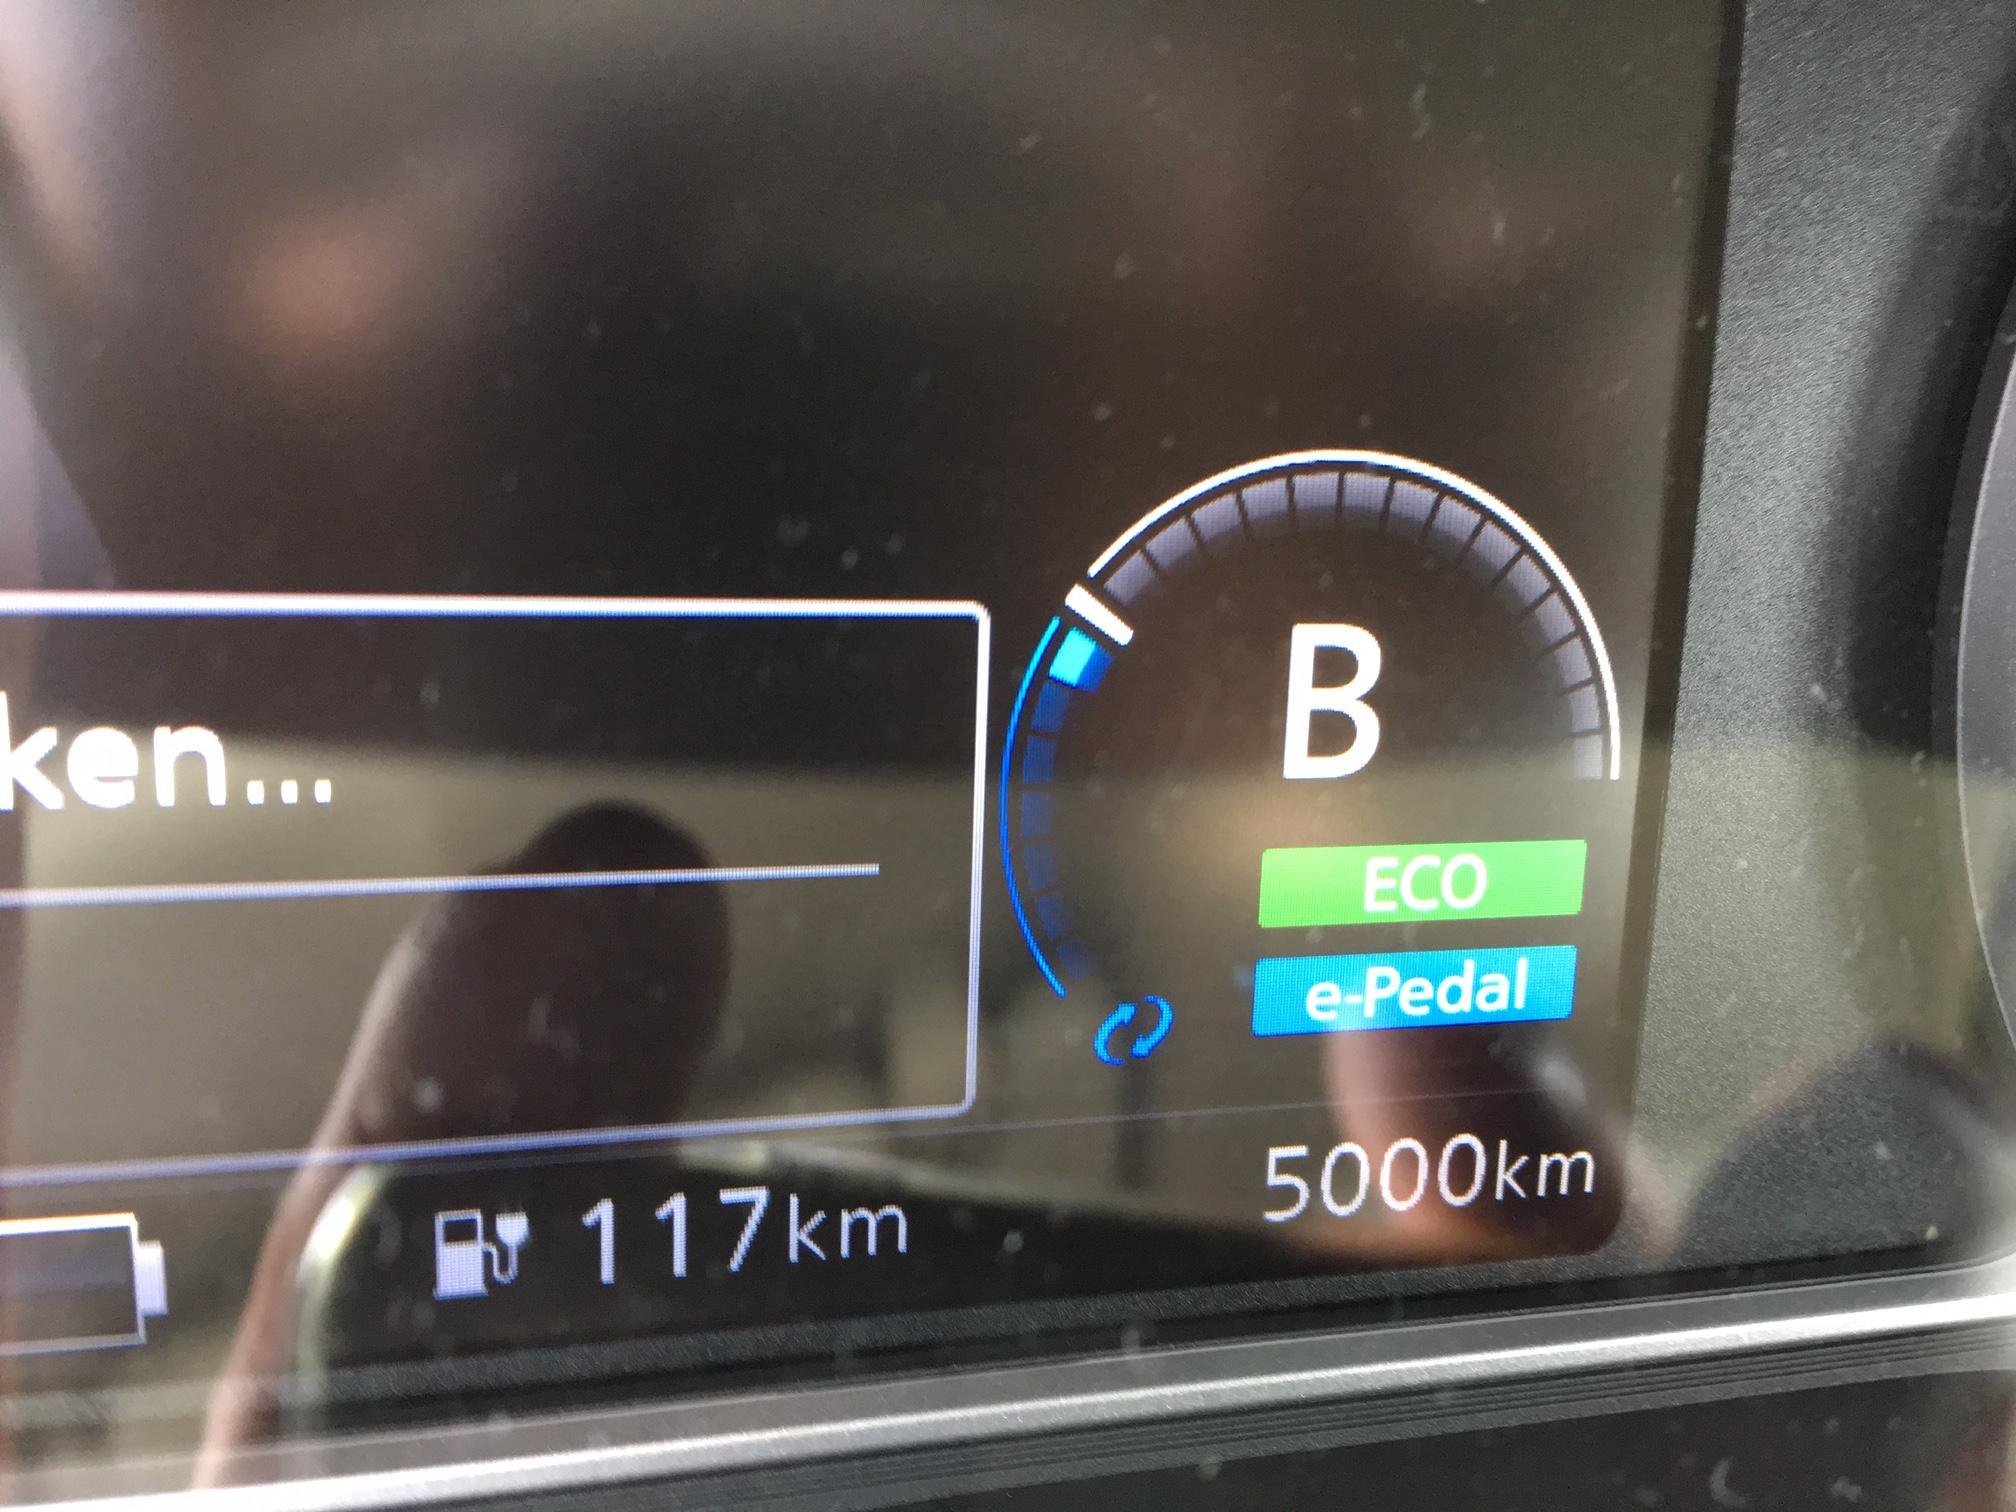 5.000 kilometer op de klok